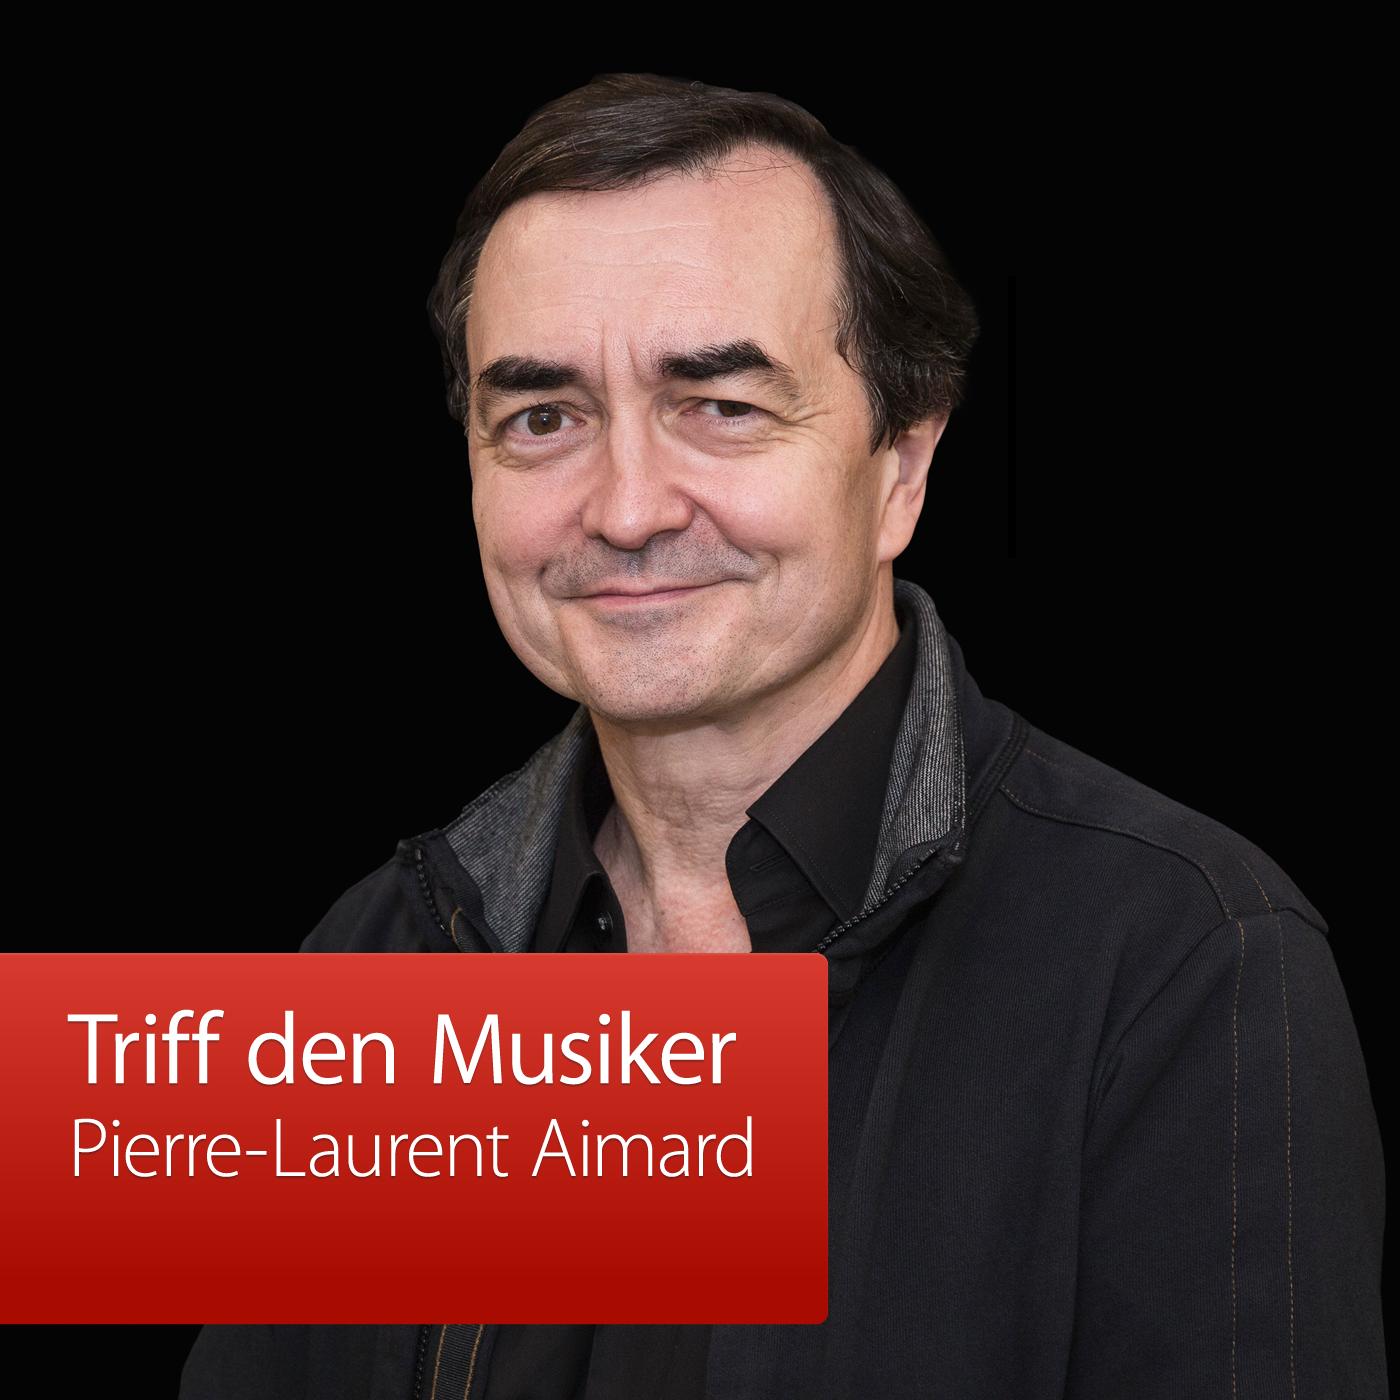 Pierre-Laurent Aimard: Triff den Musiker